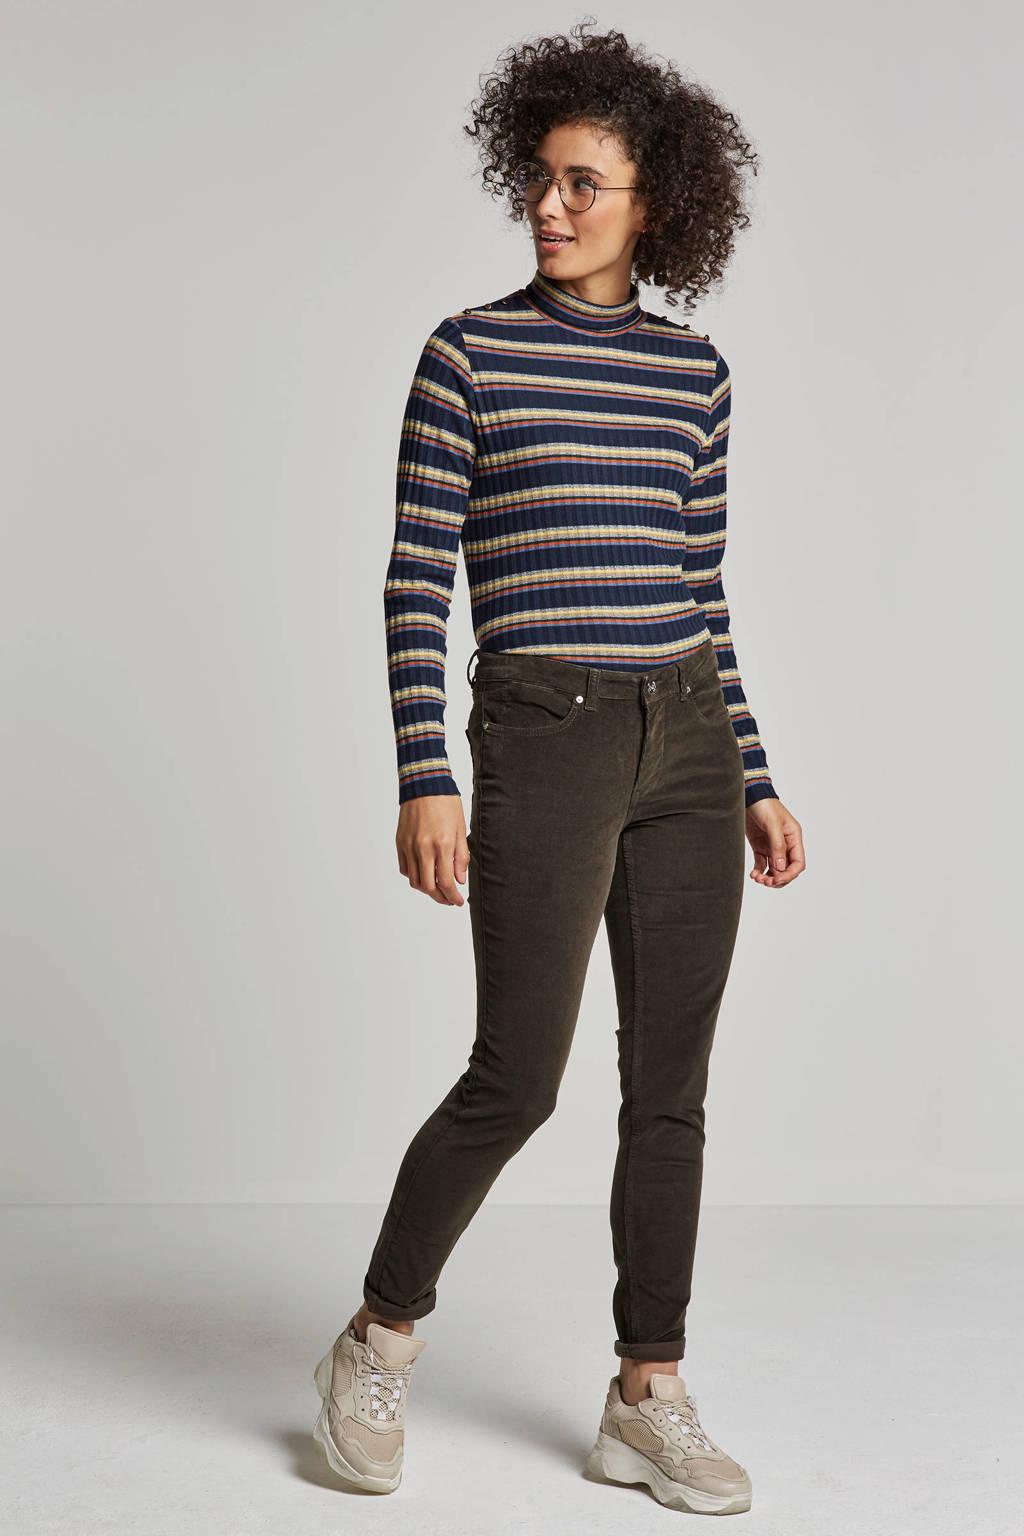 ESPRIT Women Casual gestreepte trui, Donkerblauw/geel/oranje/grijs/groen